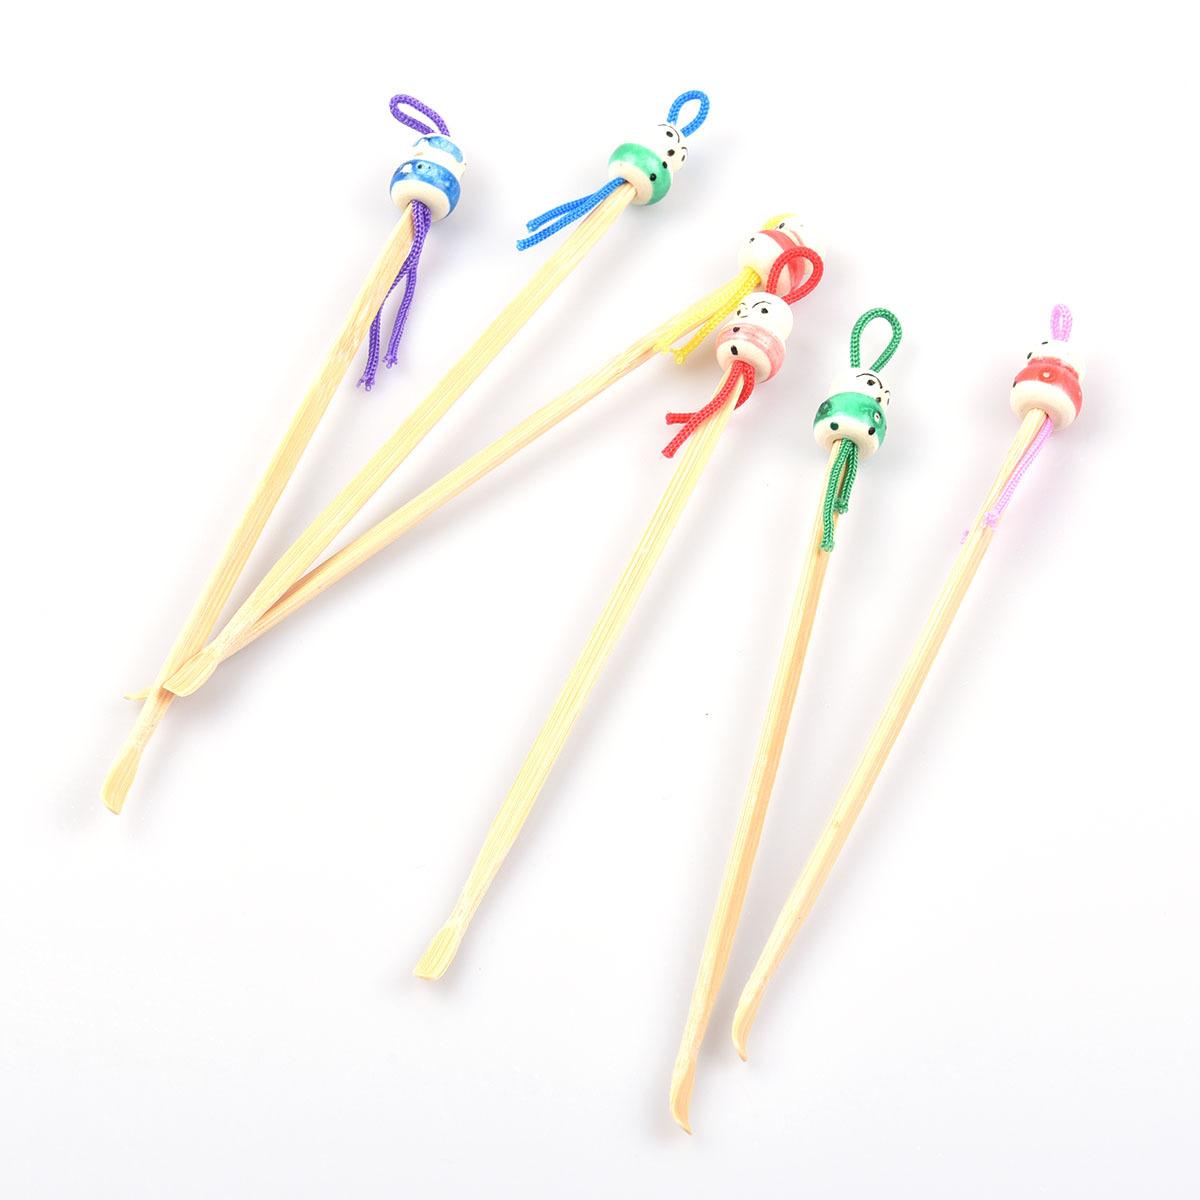 天然竹质耳勺 挖耳勺 耳挖 卡通版木质中国娃娃掏耳勺 1g